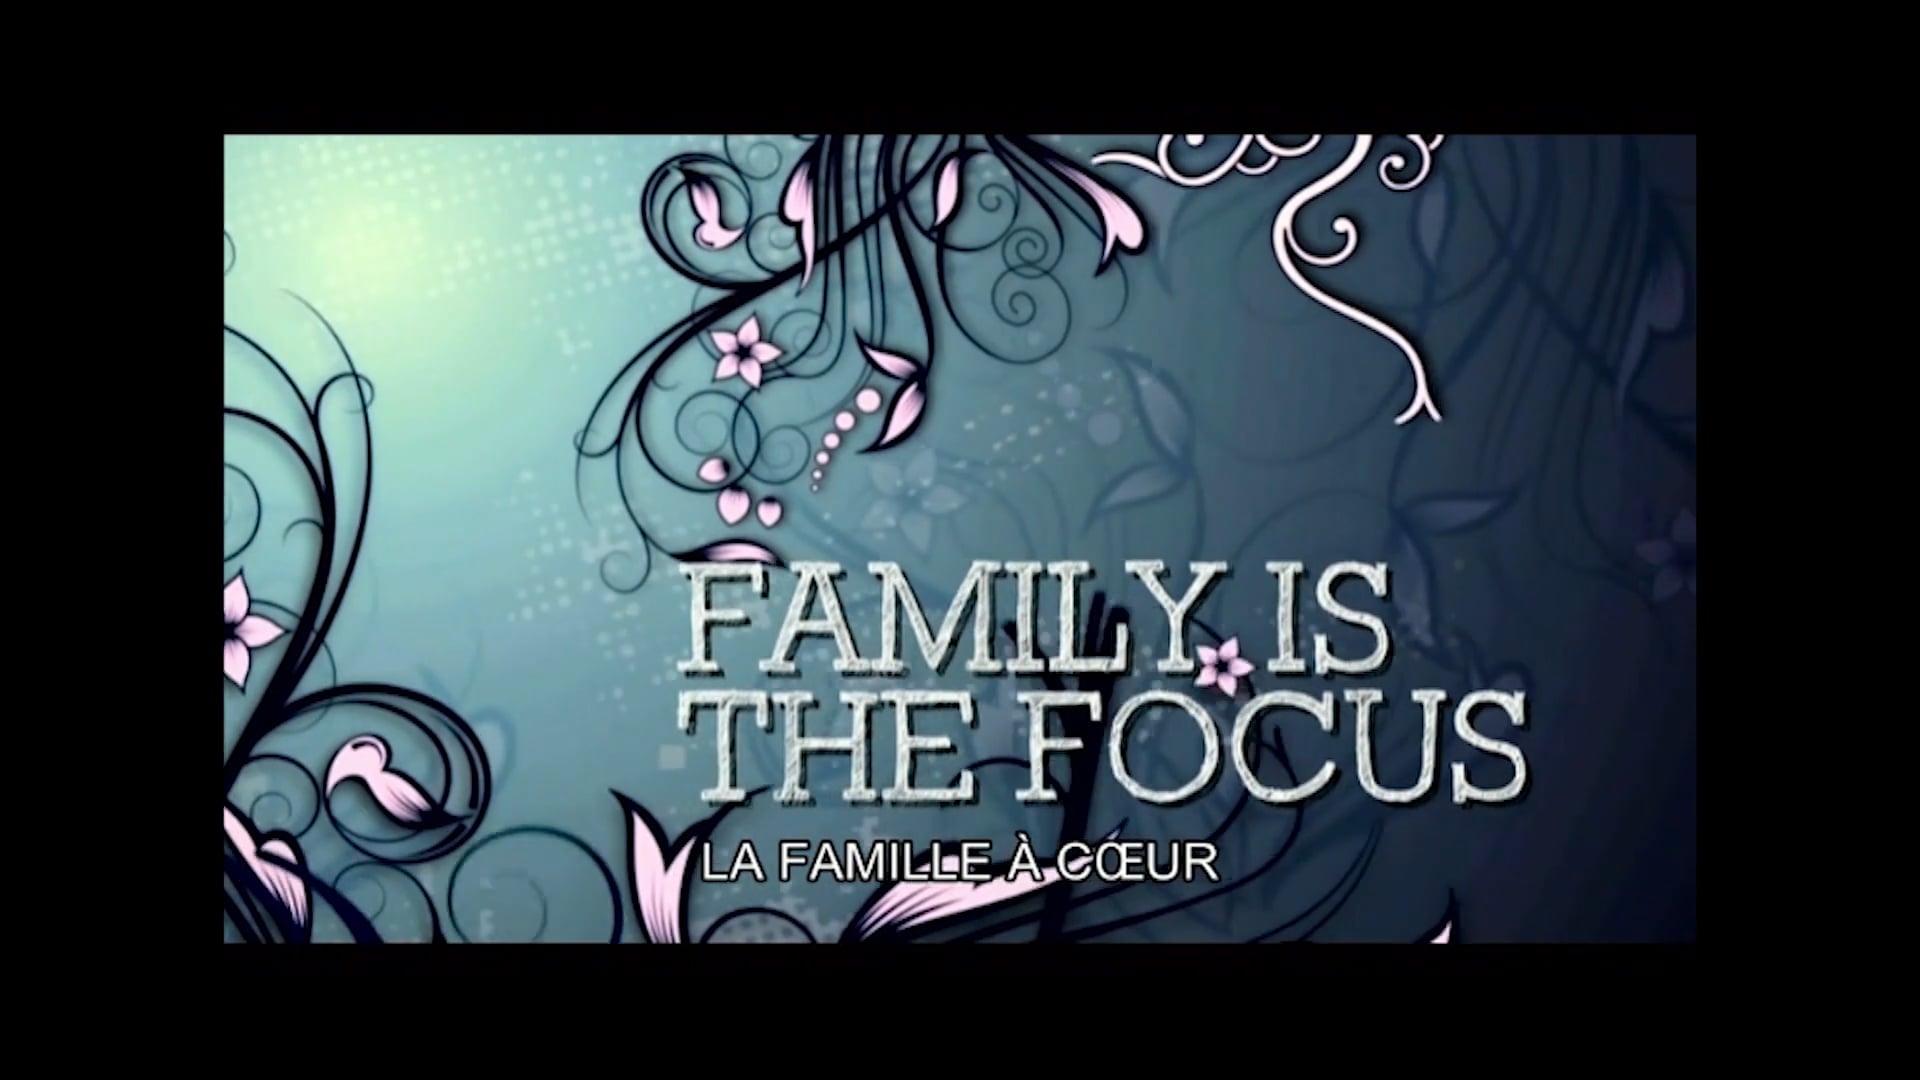 Family is the Focus | La famille à cœur